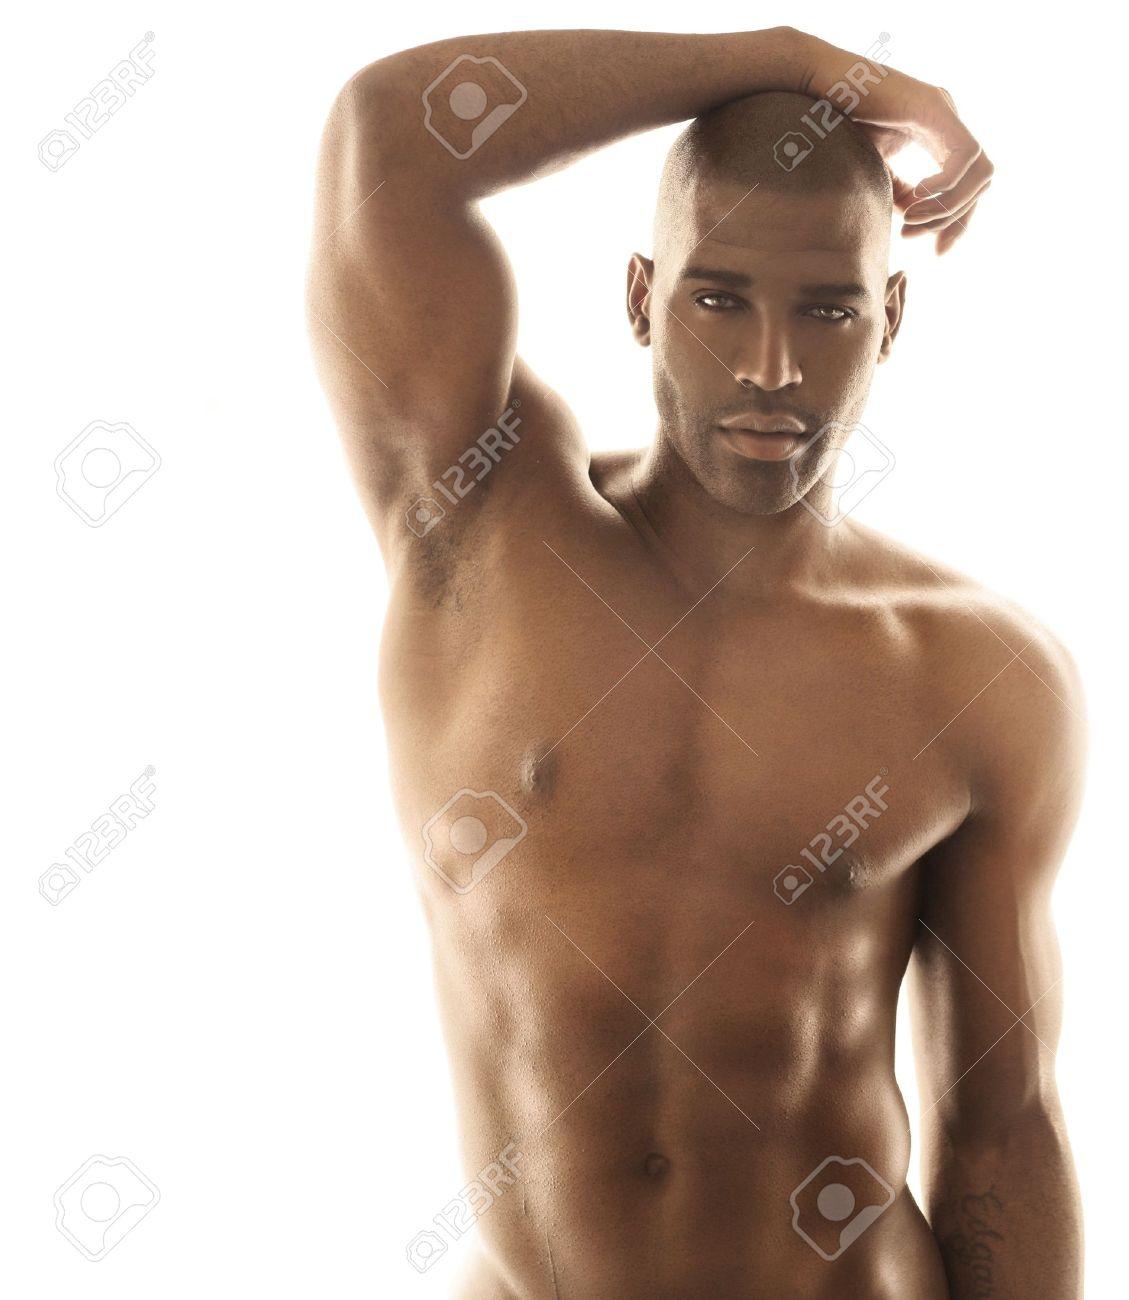 Frei nackt männliche Bilder